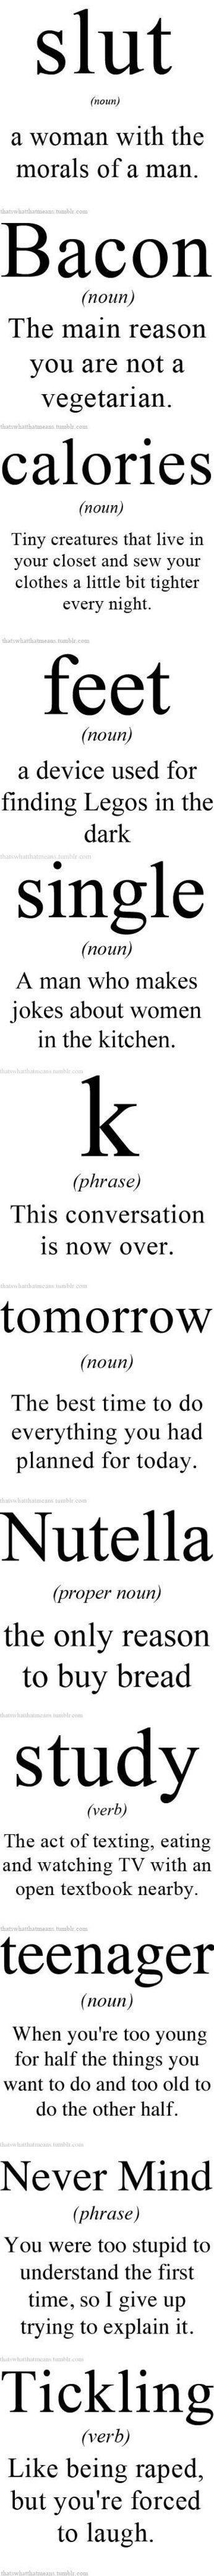 hahaha so true..